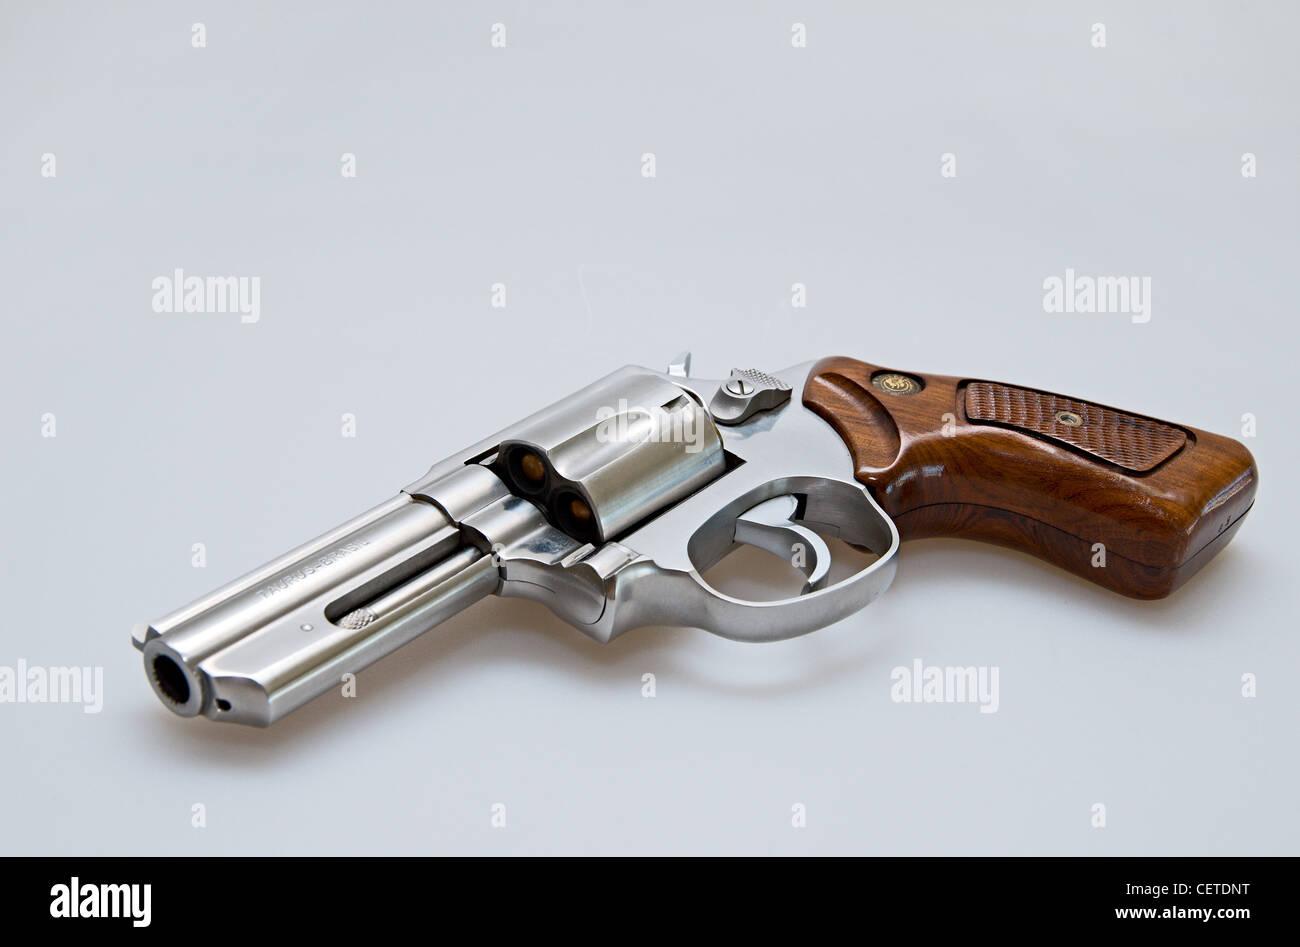 gun, handgun, defense, weapon, pistole,danger, revolver, Taurus - Stock Image